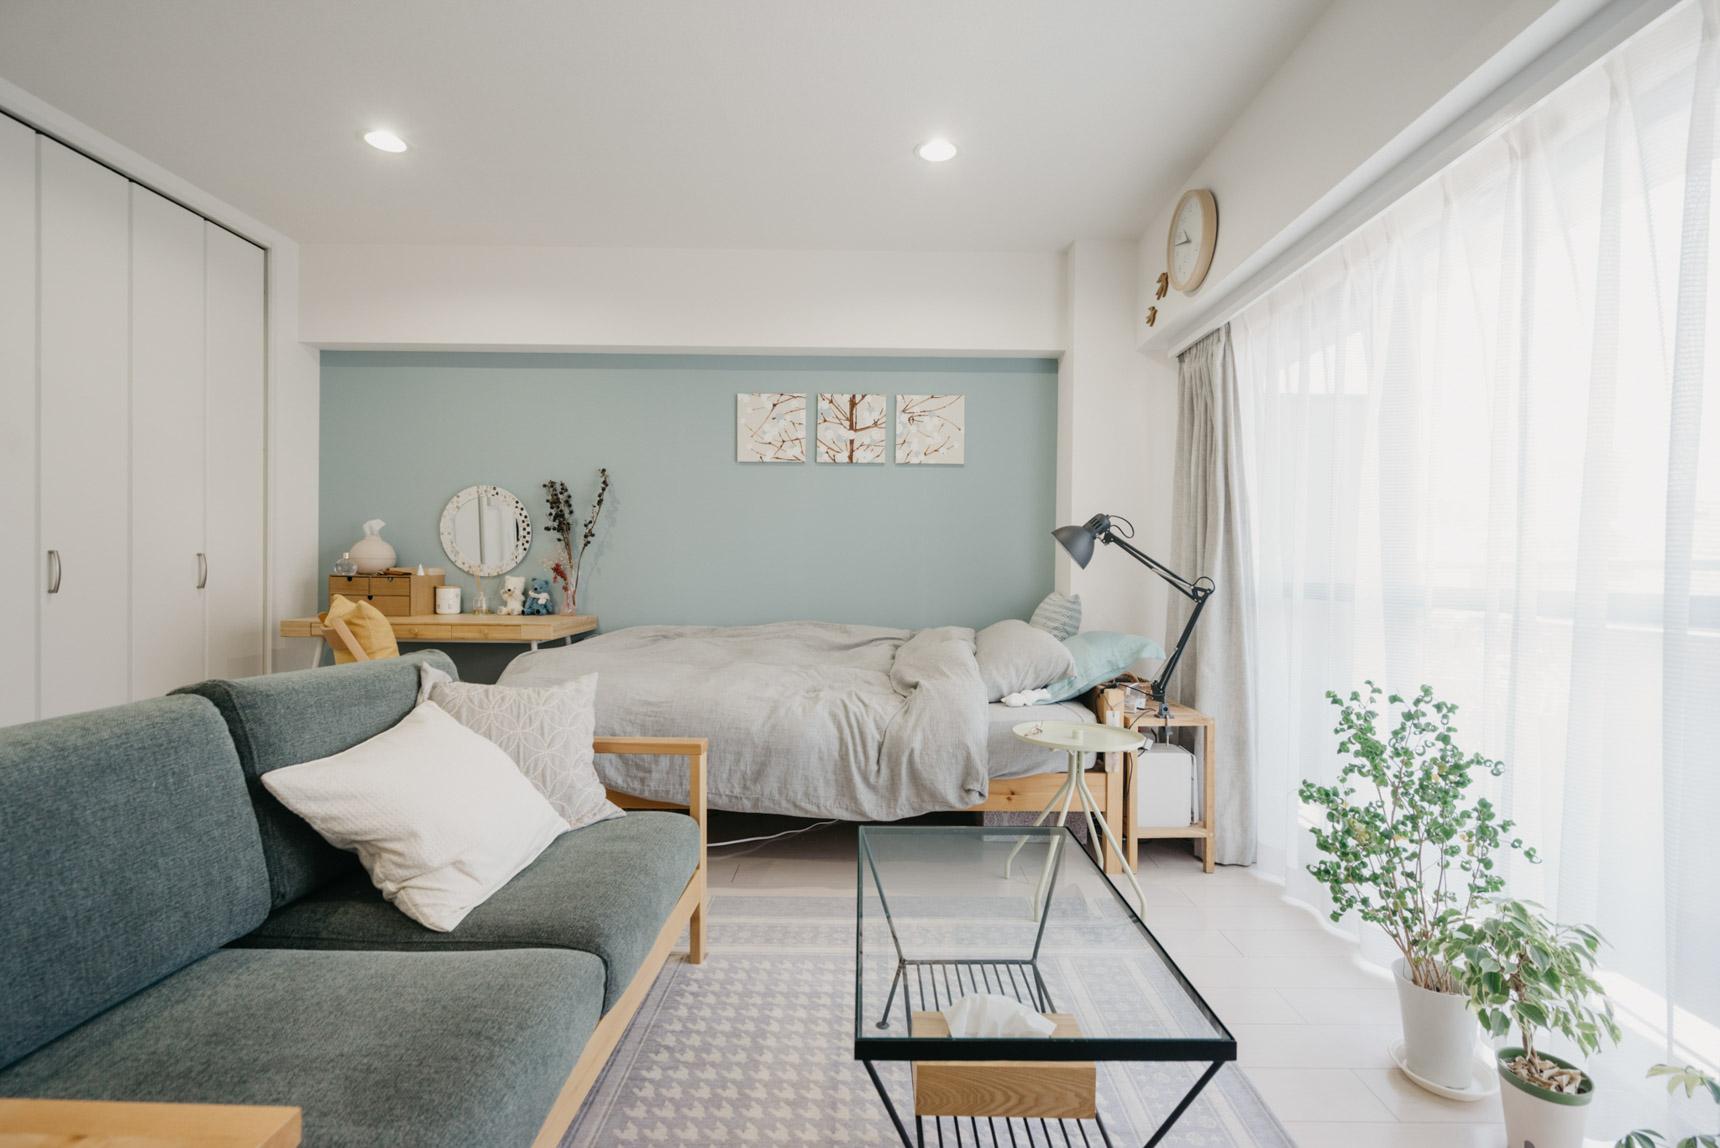 貼ってはがせる壁紙で、お部屋の一部を大人っぽいブルーグレーにされた事例。ソファやベッドリネンの色味もそれに合わせて配色し、居心地の良い北欧風のワンルームに仕上げています。(このお部屋はこちら)